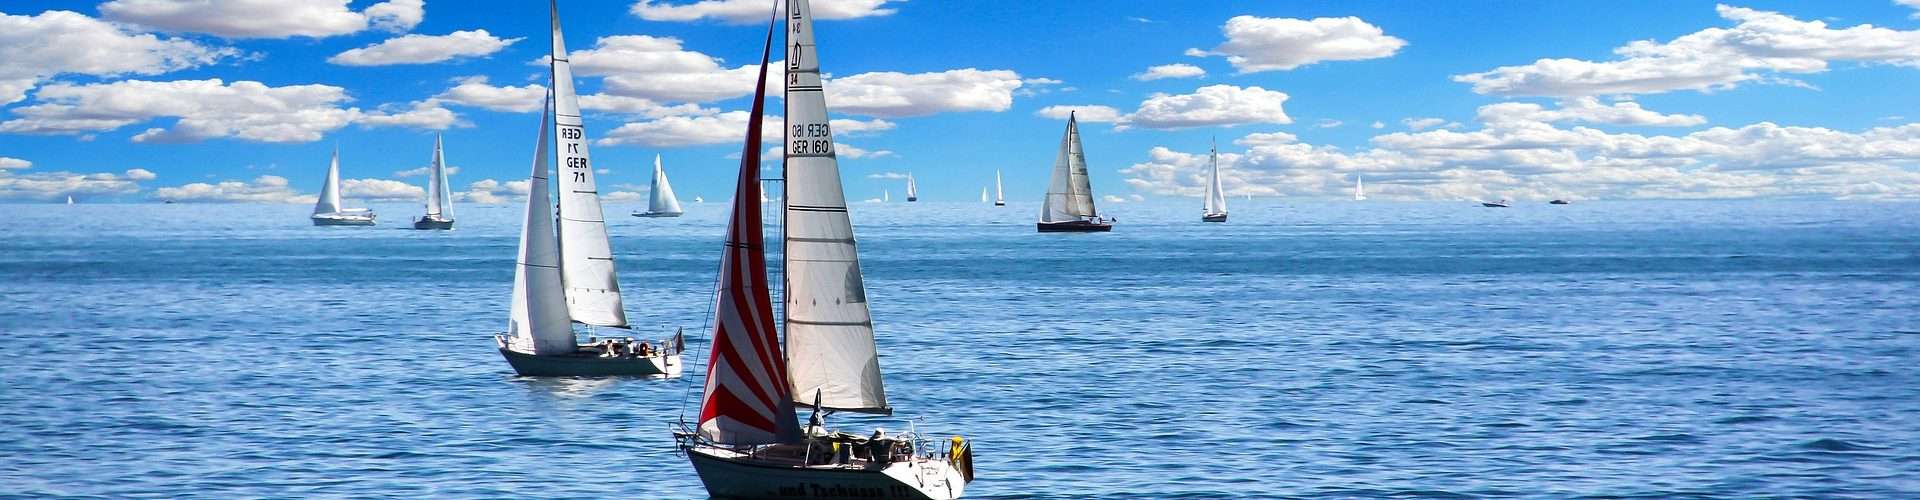 segeln lernen in Neukalen segelschein machen in Neukalen 1920x500 - Segeln lernen in Neukalen